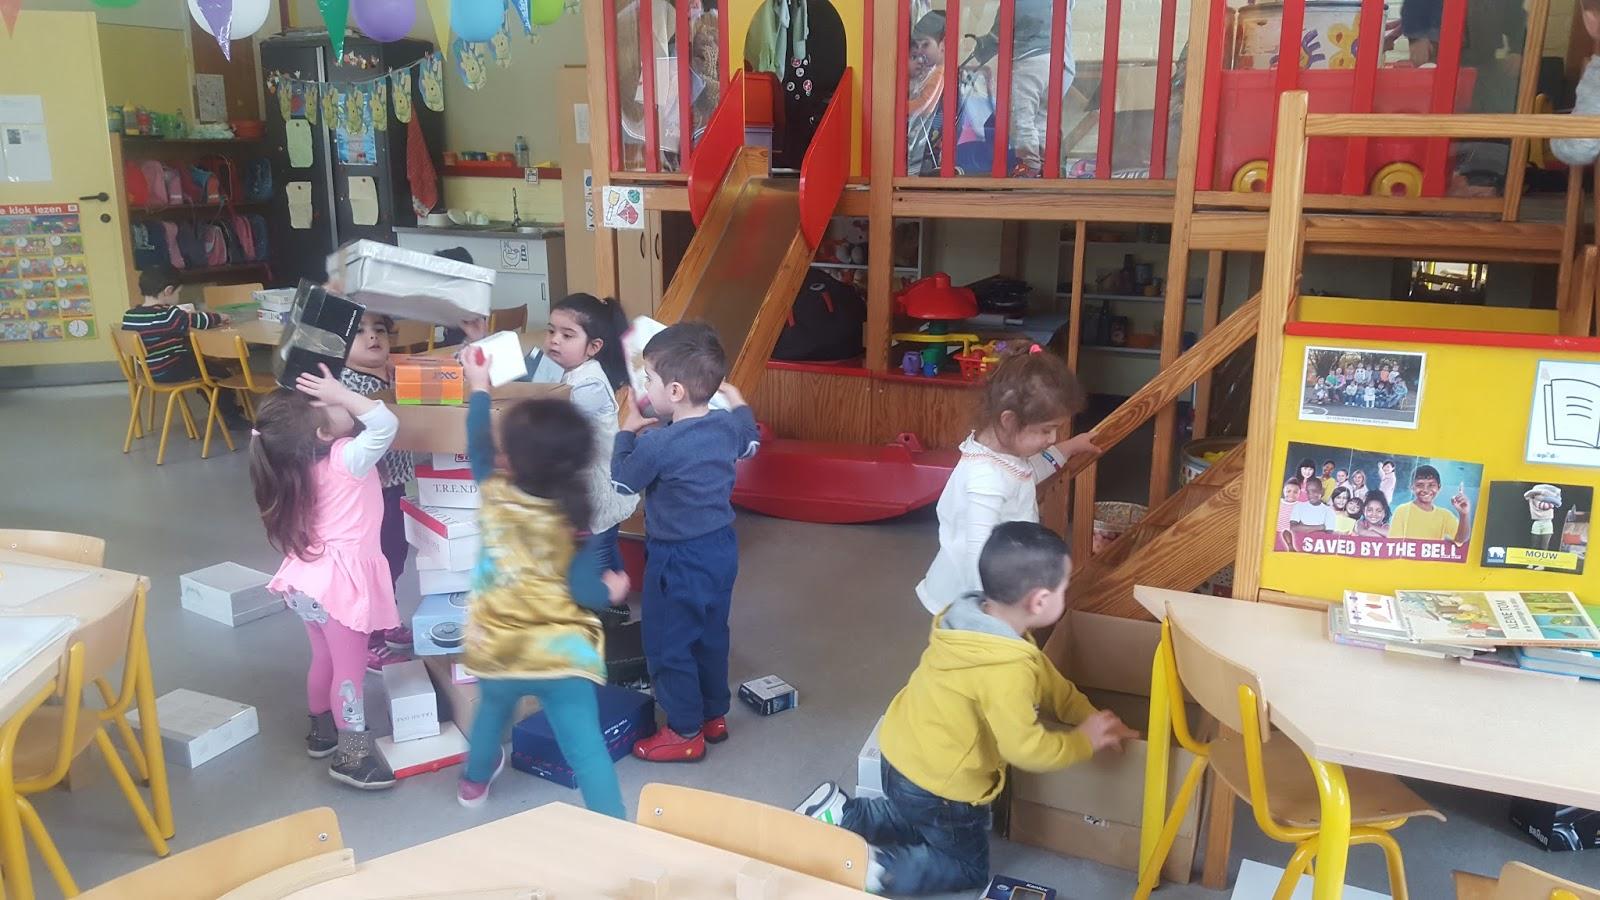 Europaschool genk kleuters k1a mijn huis bouwen dozen - Doos huis wereld ...